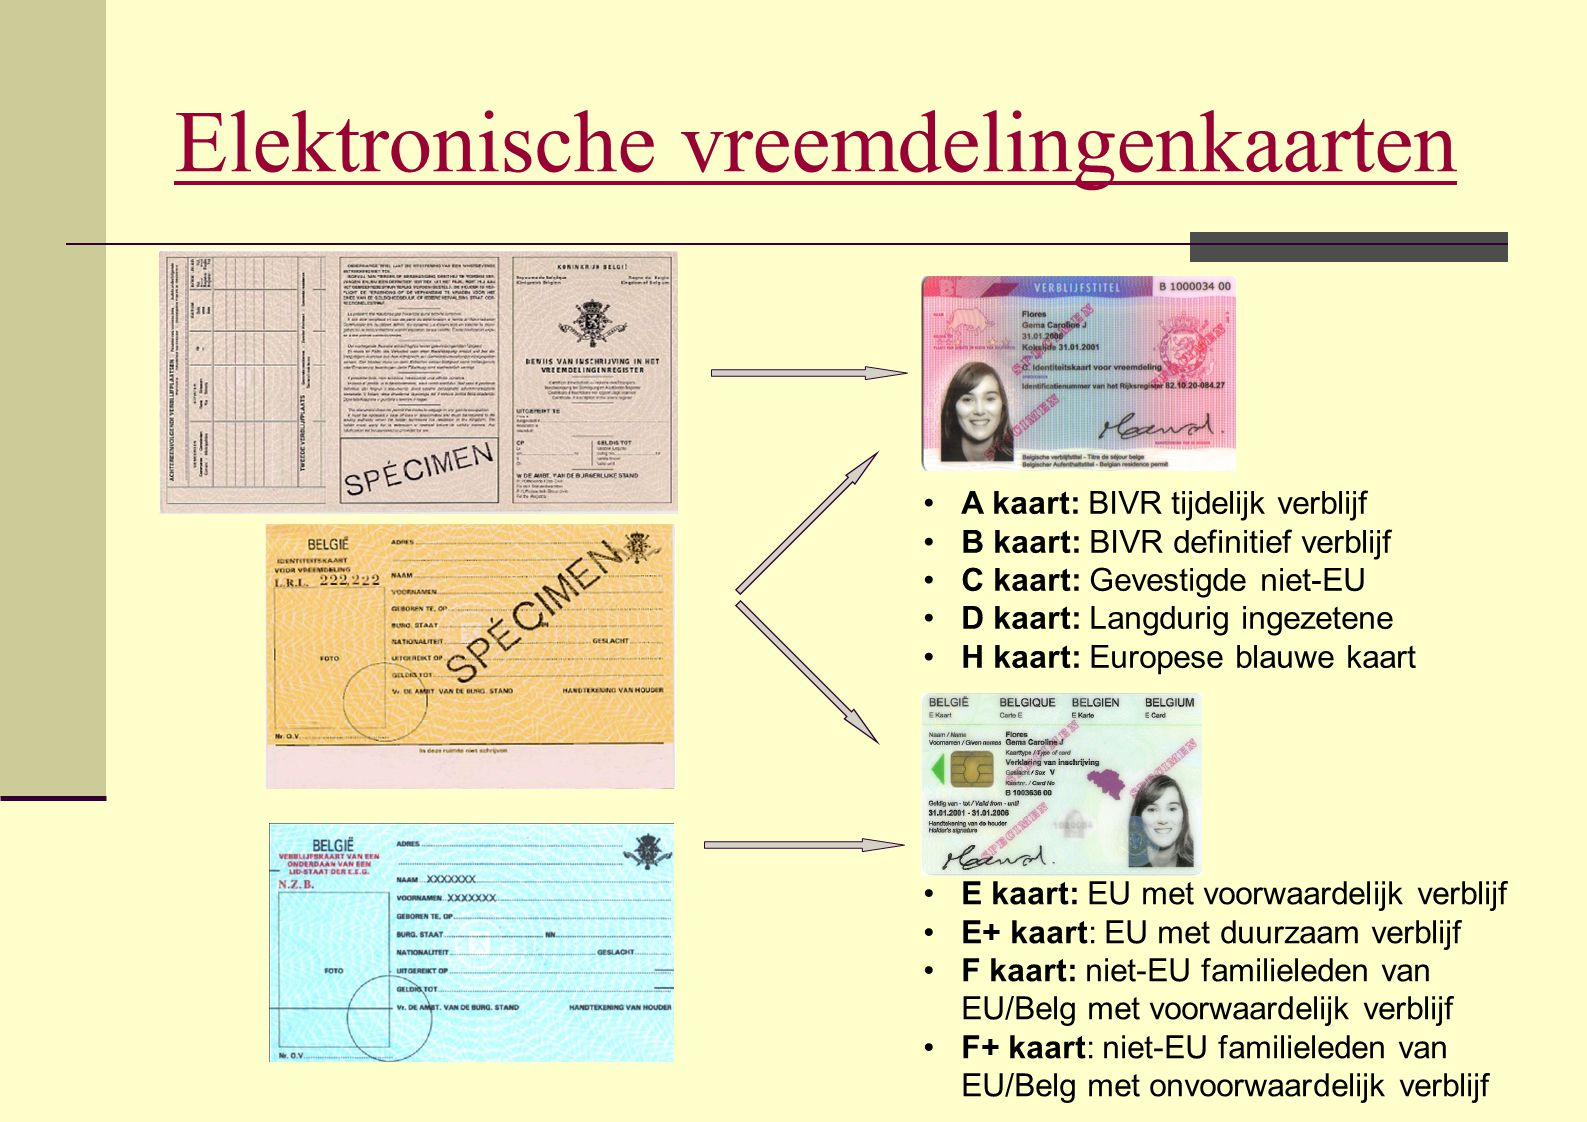 Elektronische vreemdelingenkaarten